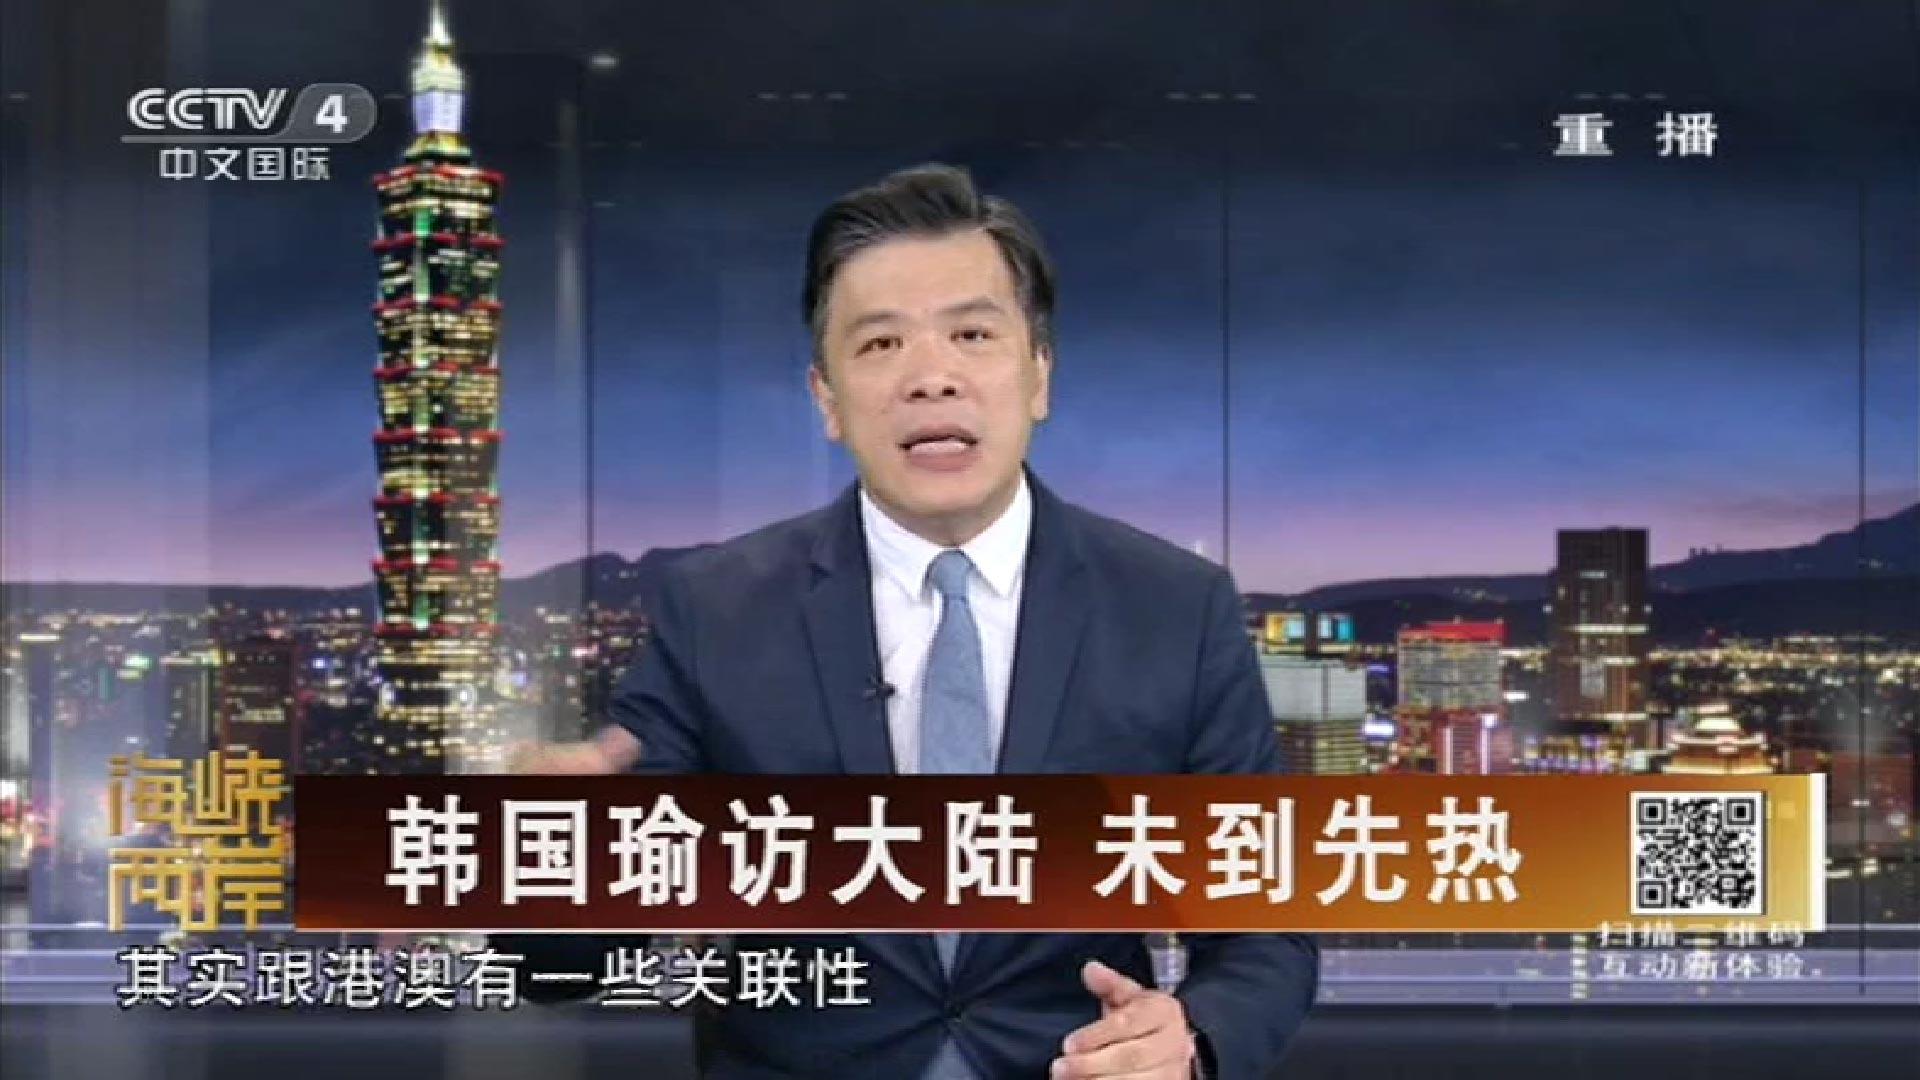 Frekuensi siaran CCTV4 di satelit ChinaSat 11 Terbaru